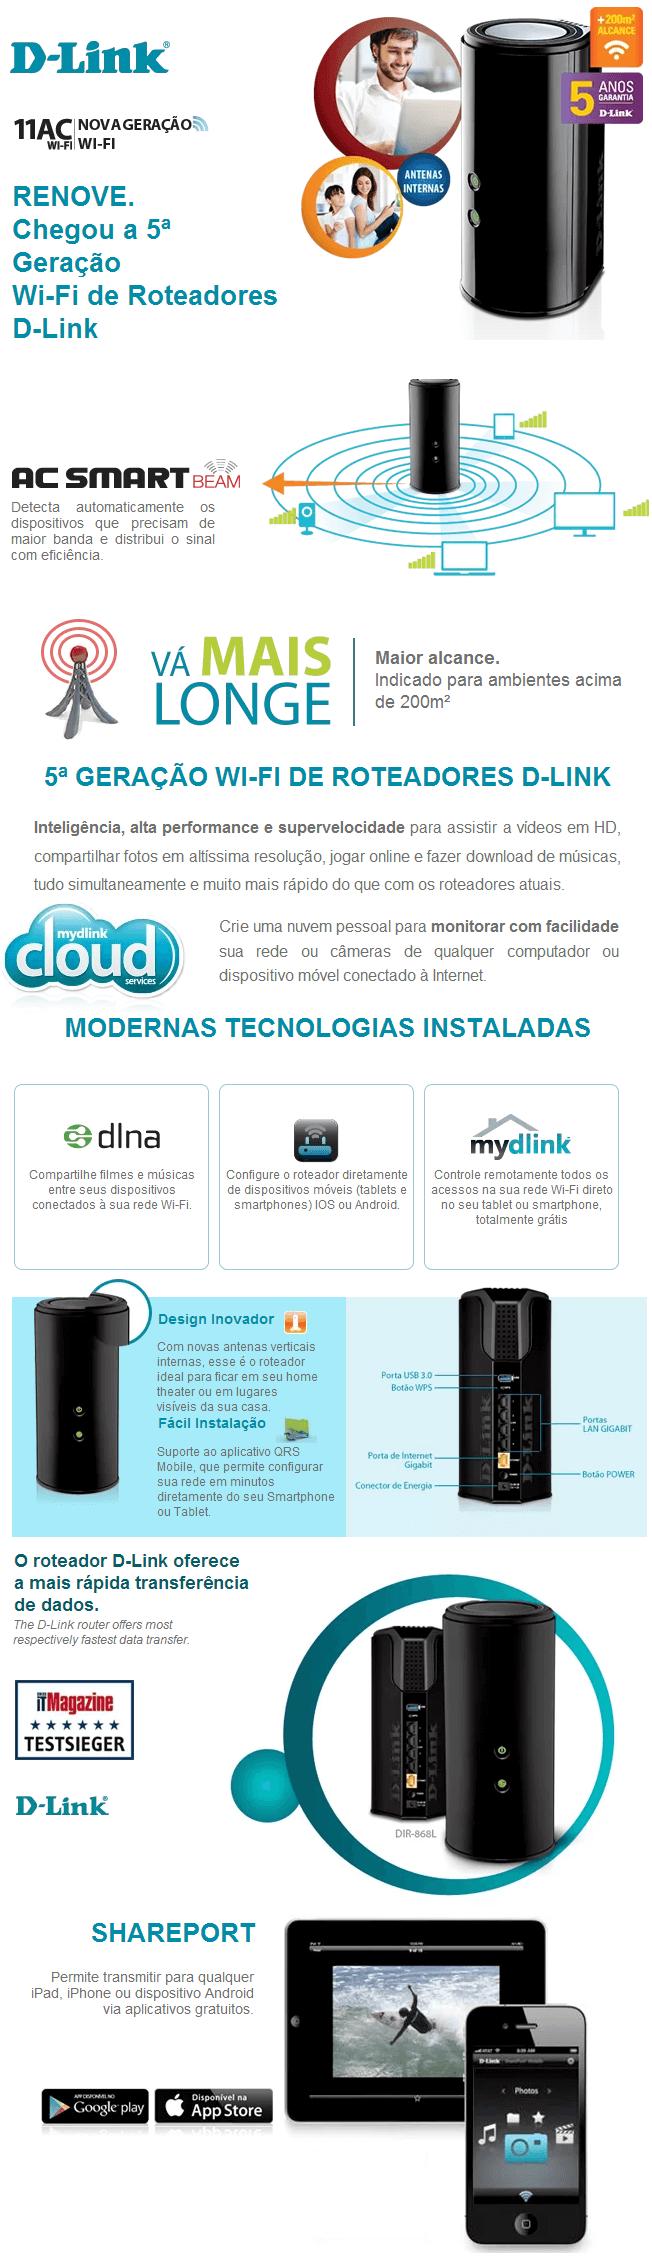 ROTEADOR D-LINK 1740Mbps C/ USB 3.0 FiveGeneration